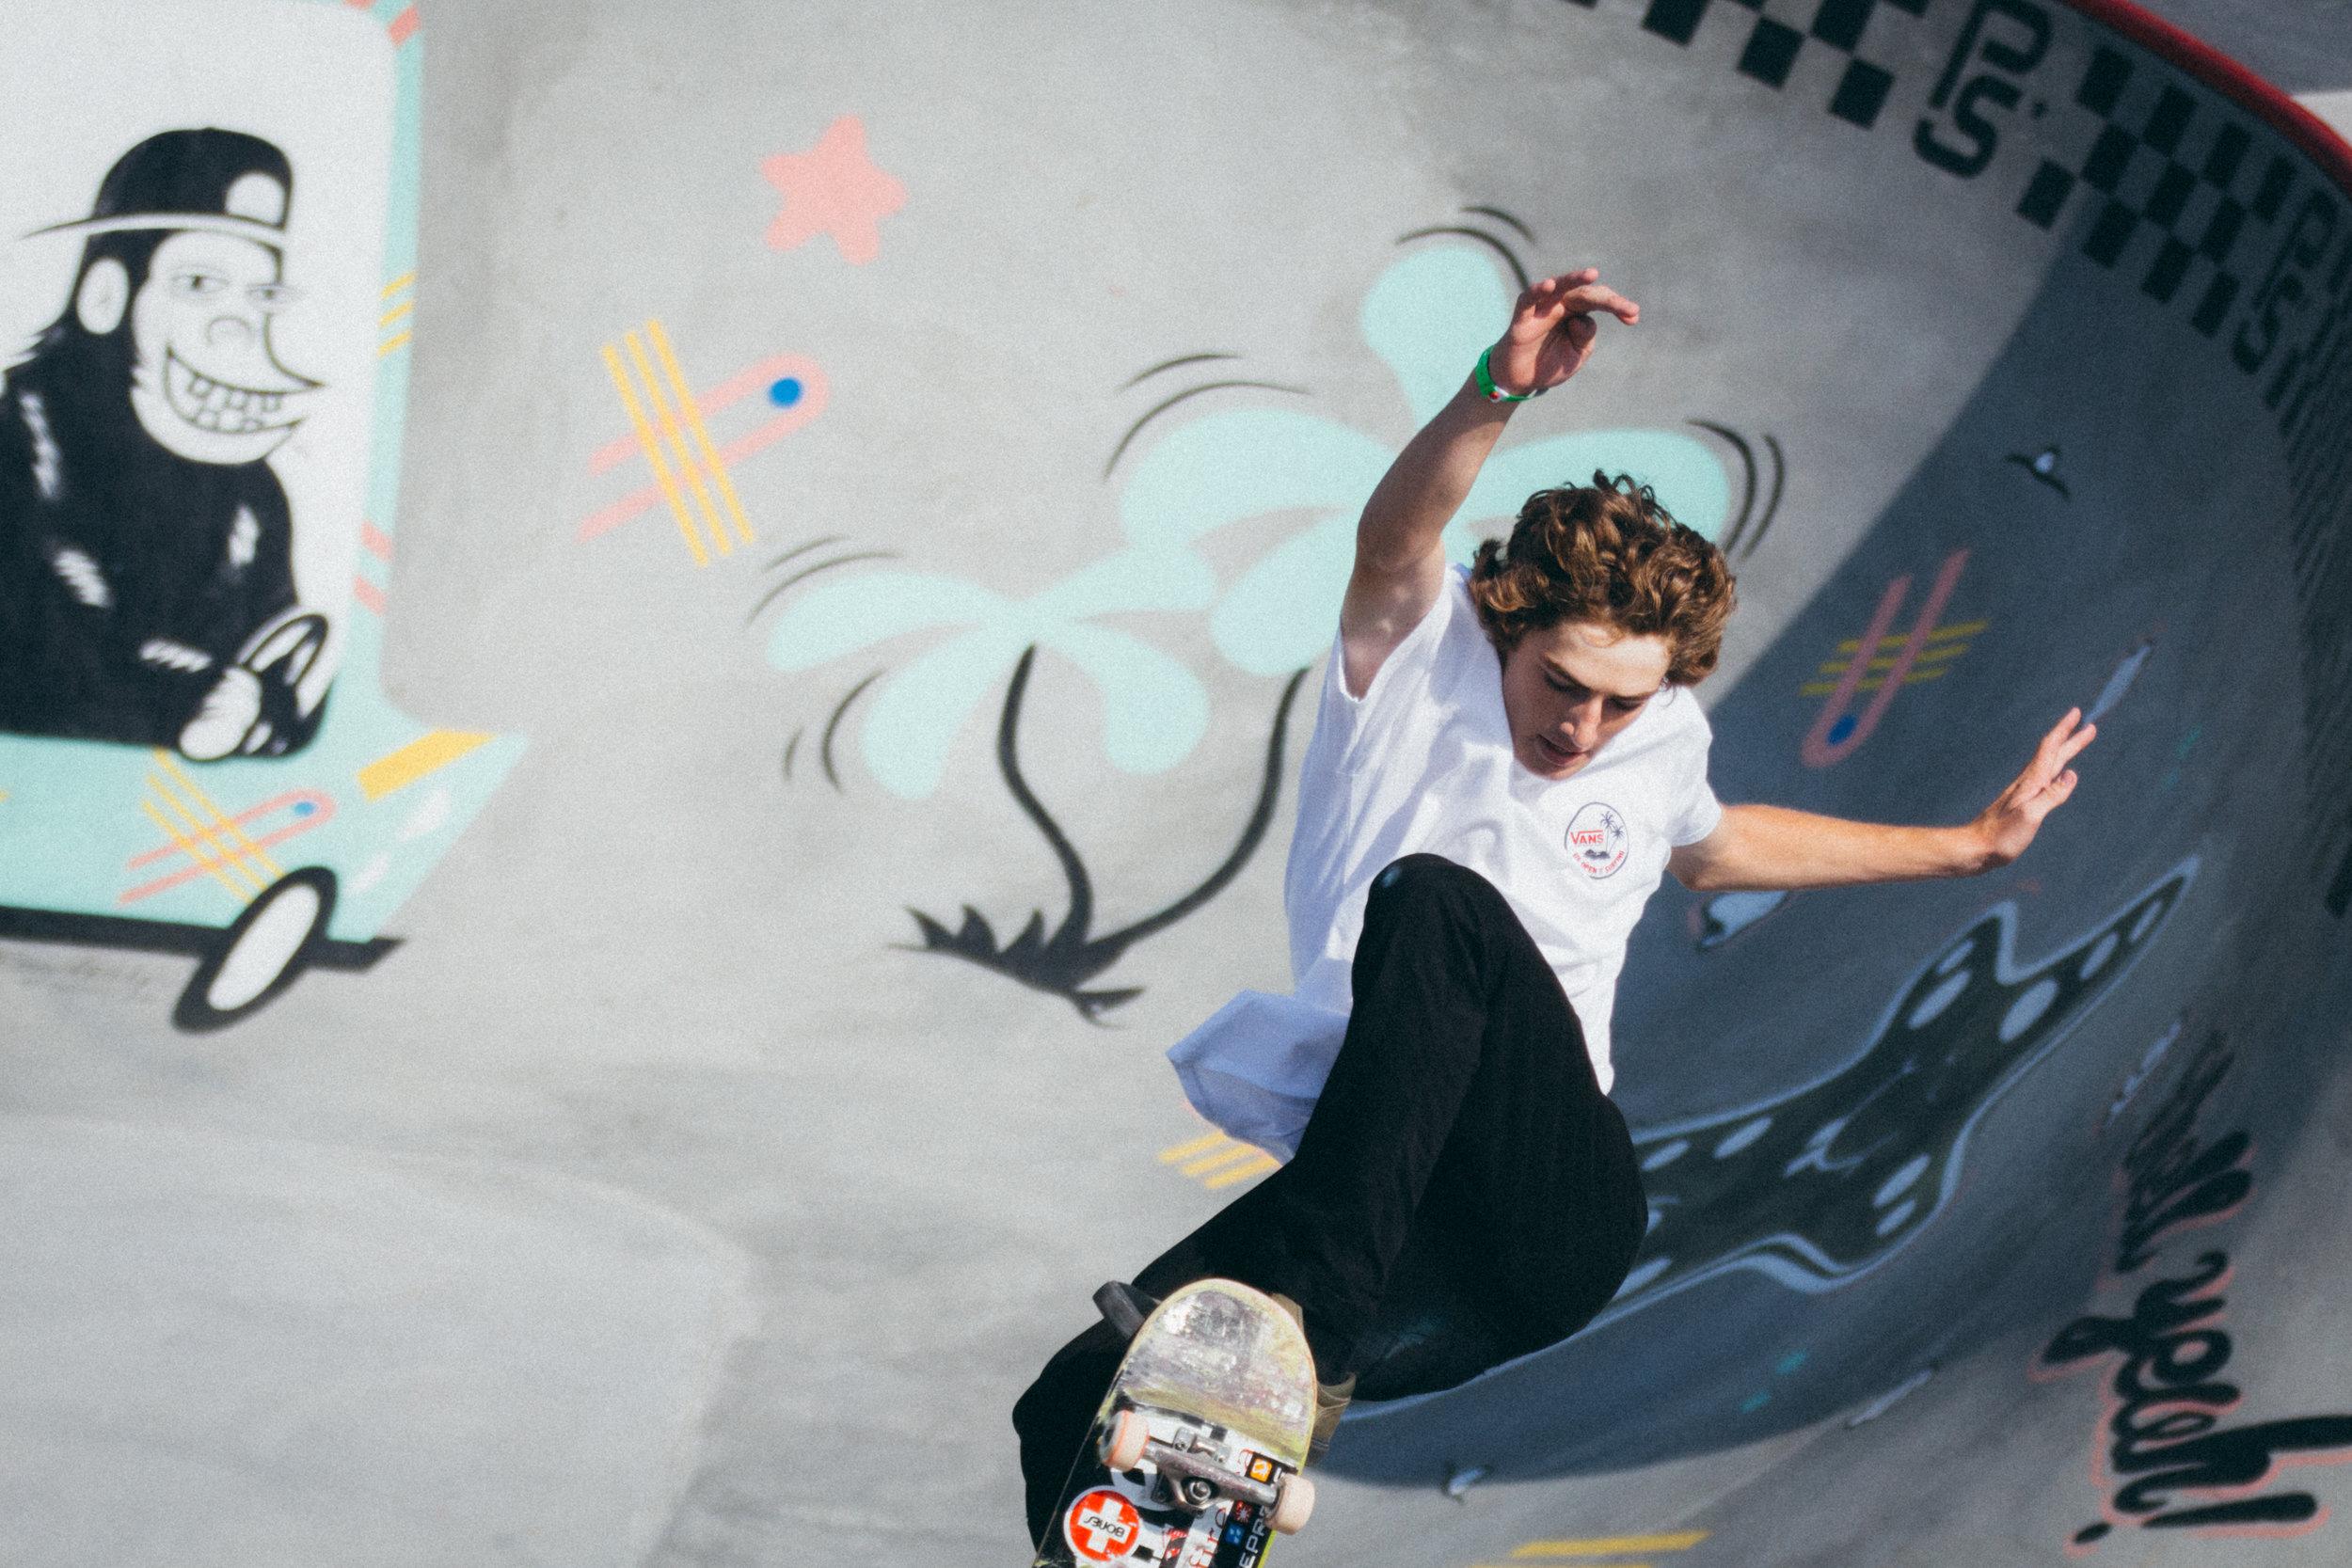 skate_1-1-9.jpg